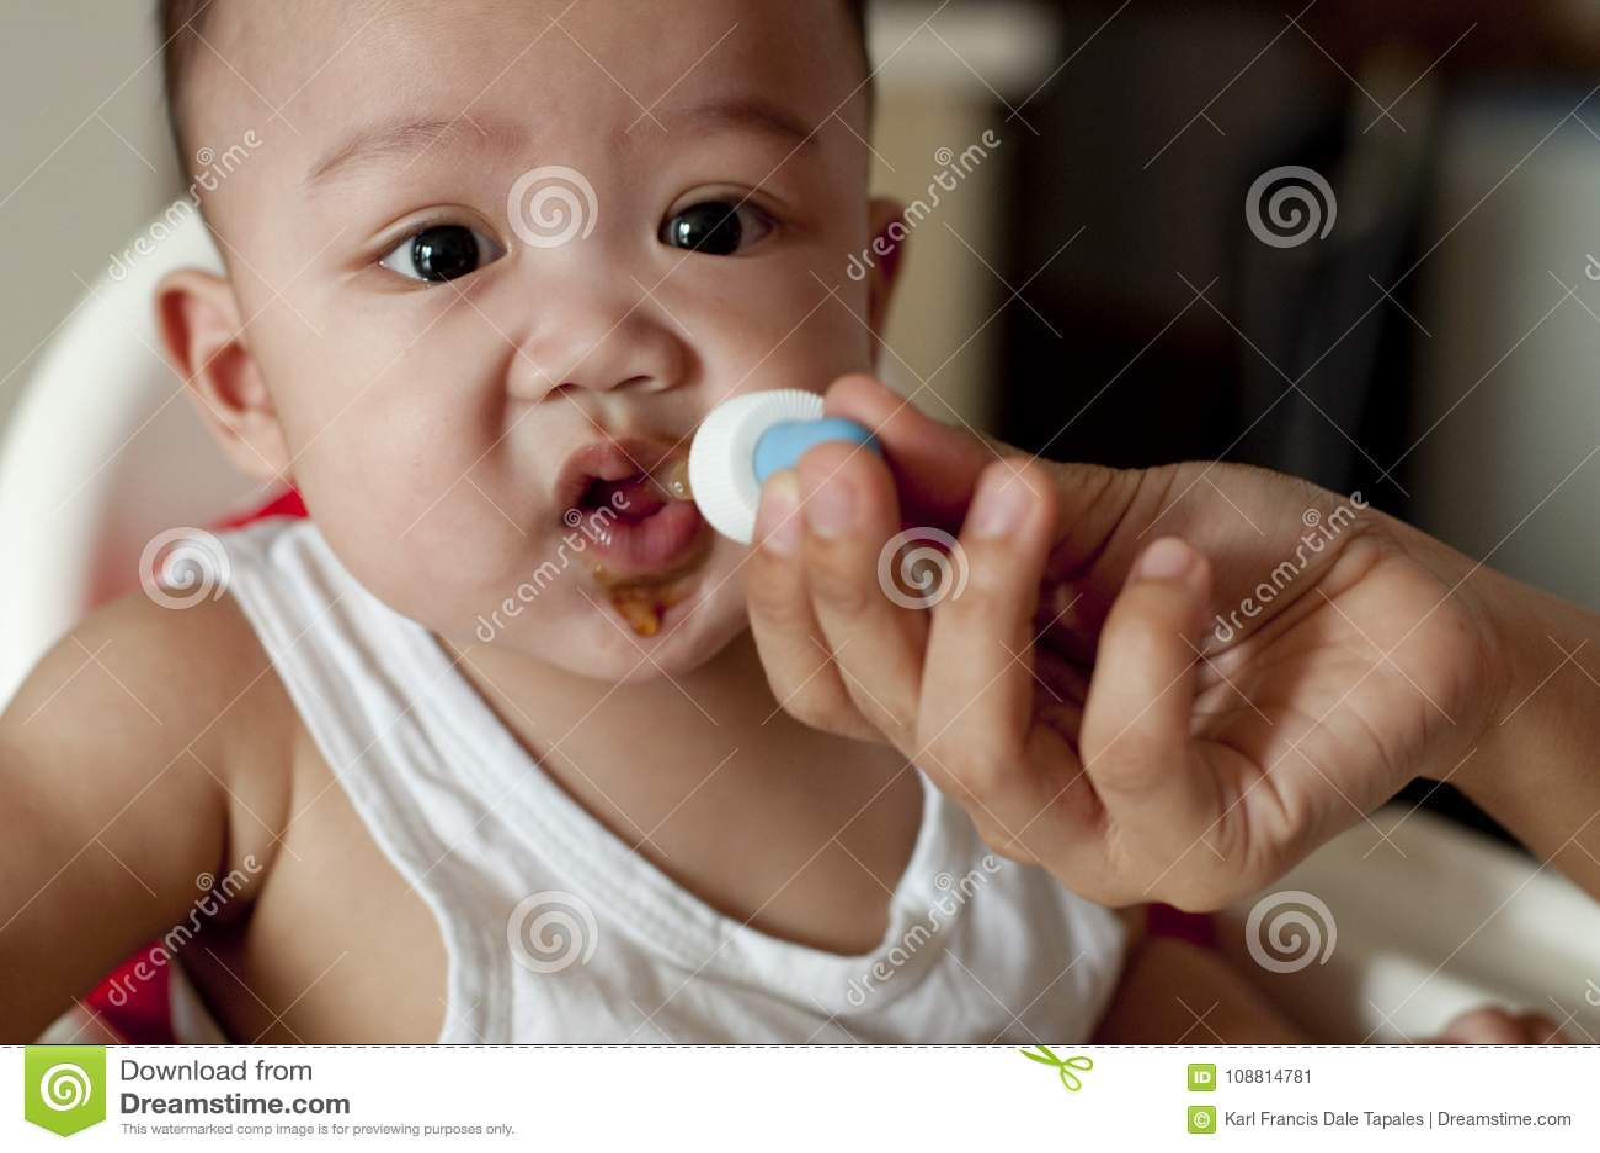 Un neonato sta bevendo le sue vitamine facendo uso di un contagoccia